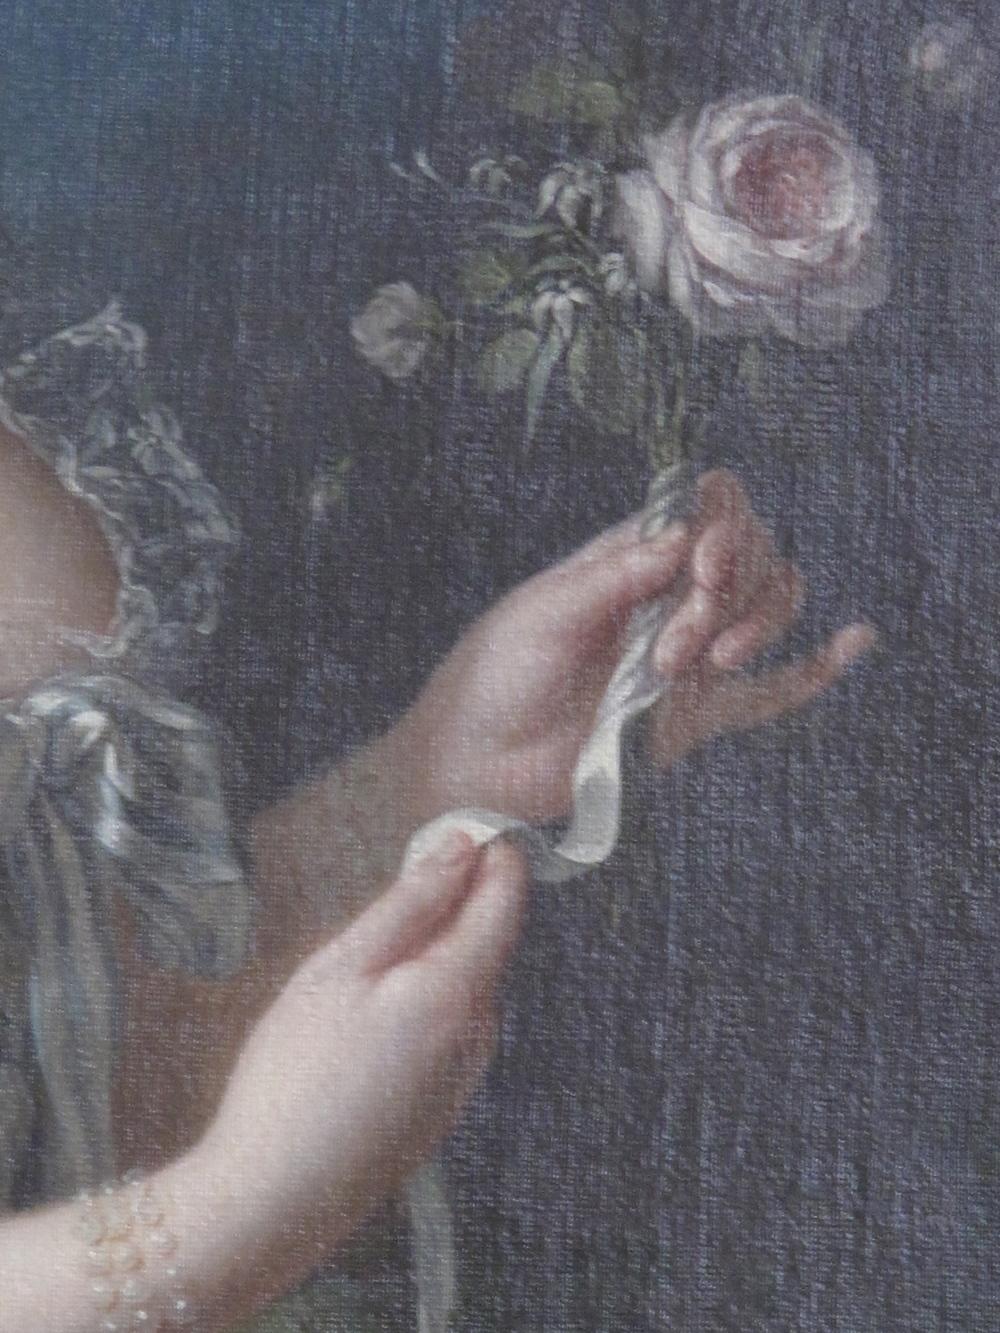 Marie Antoinette holding rose